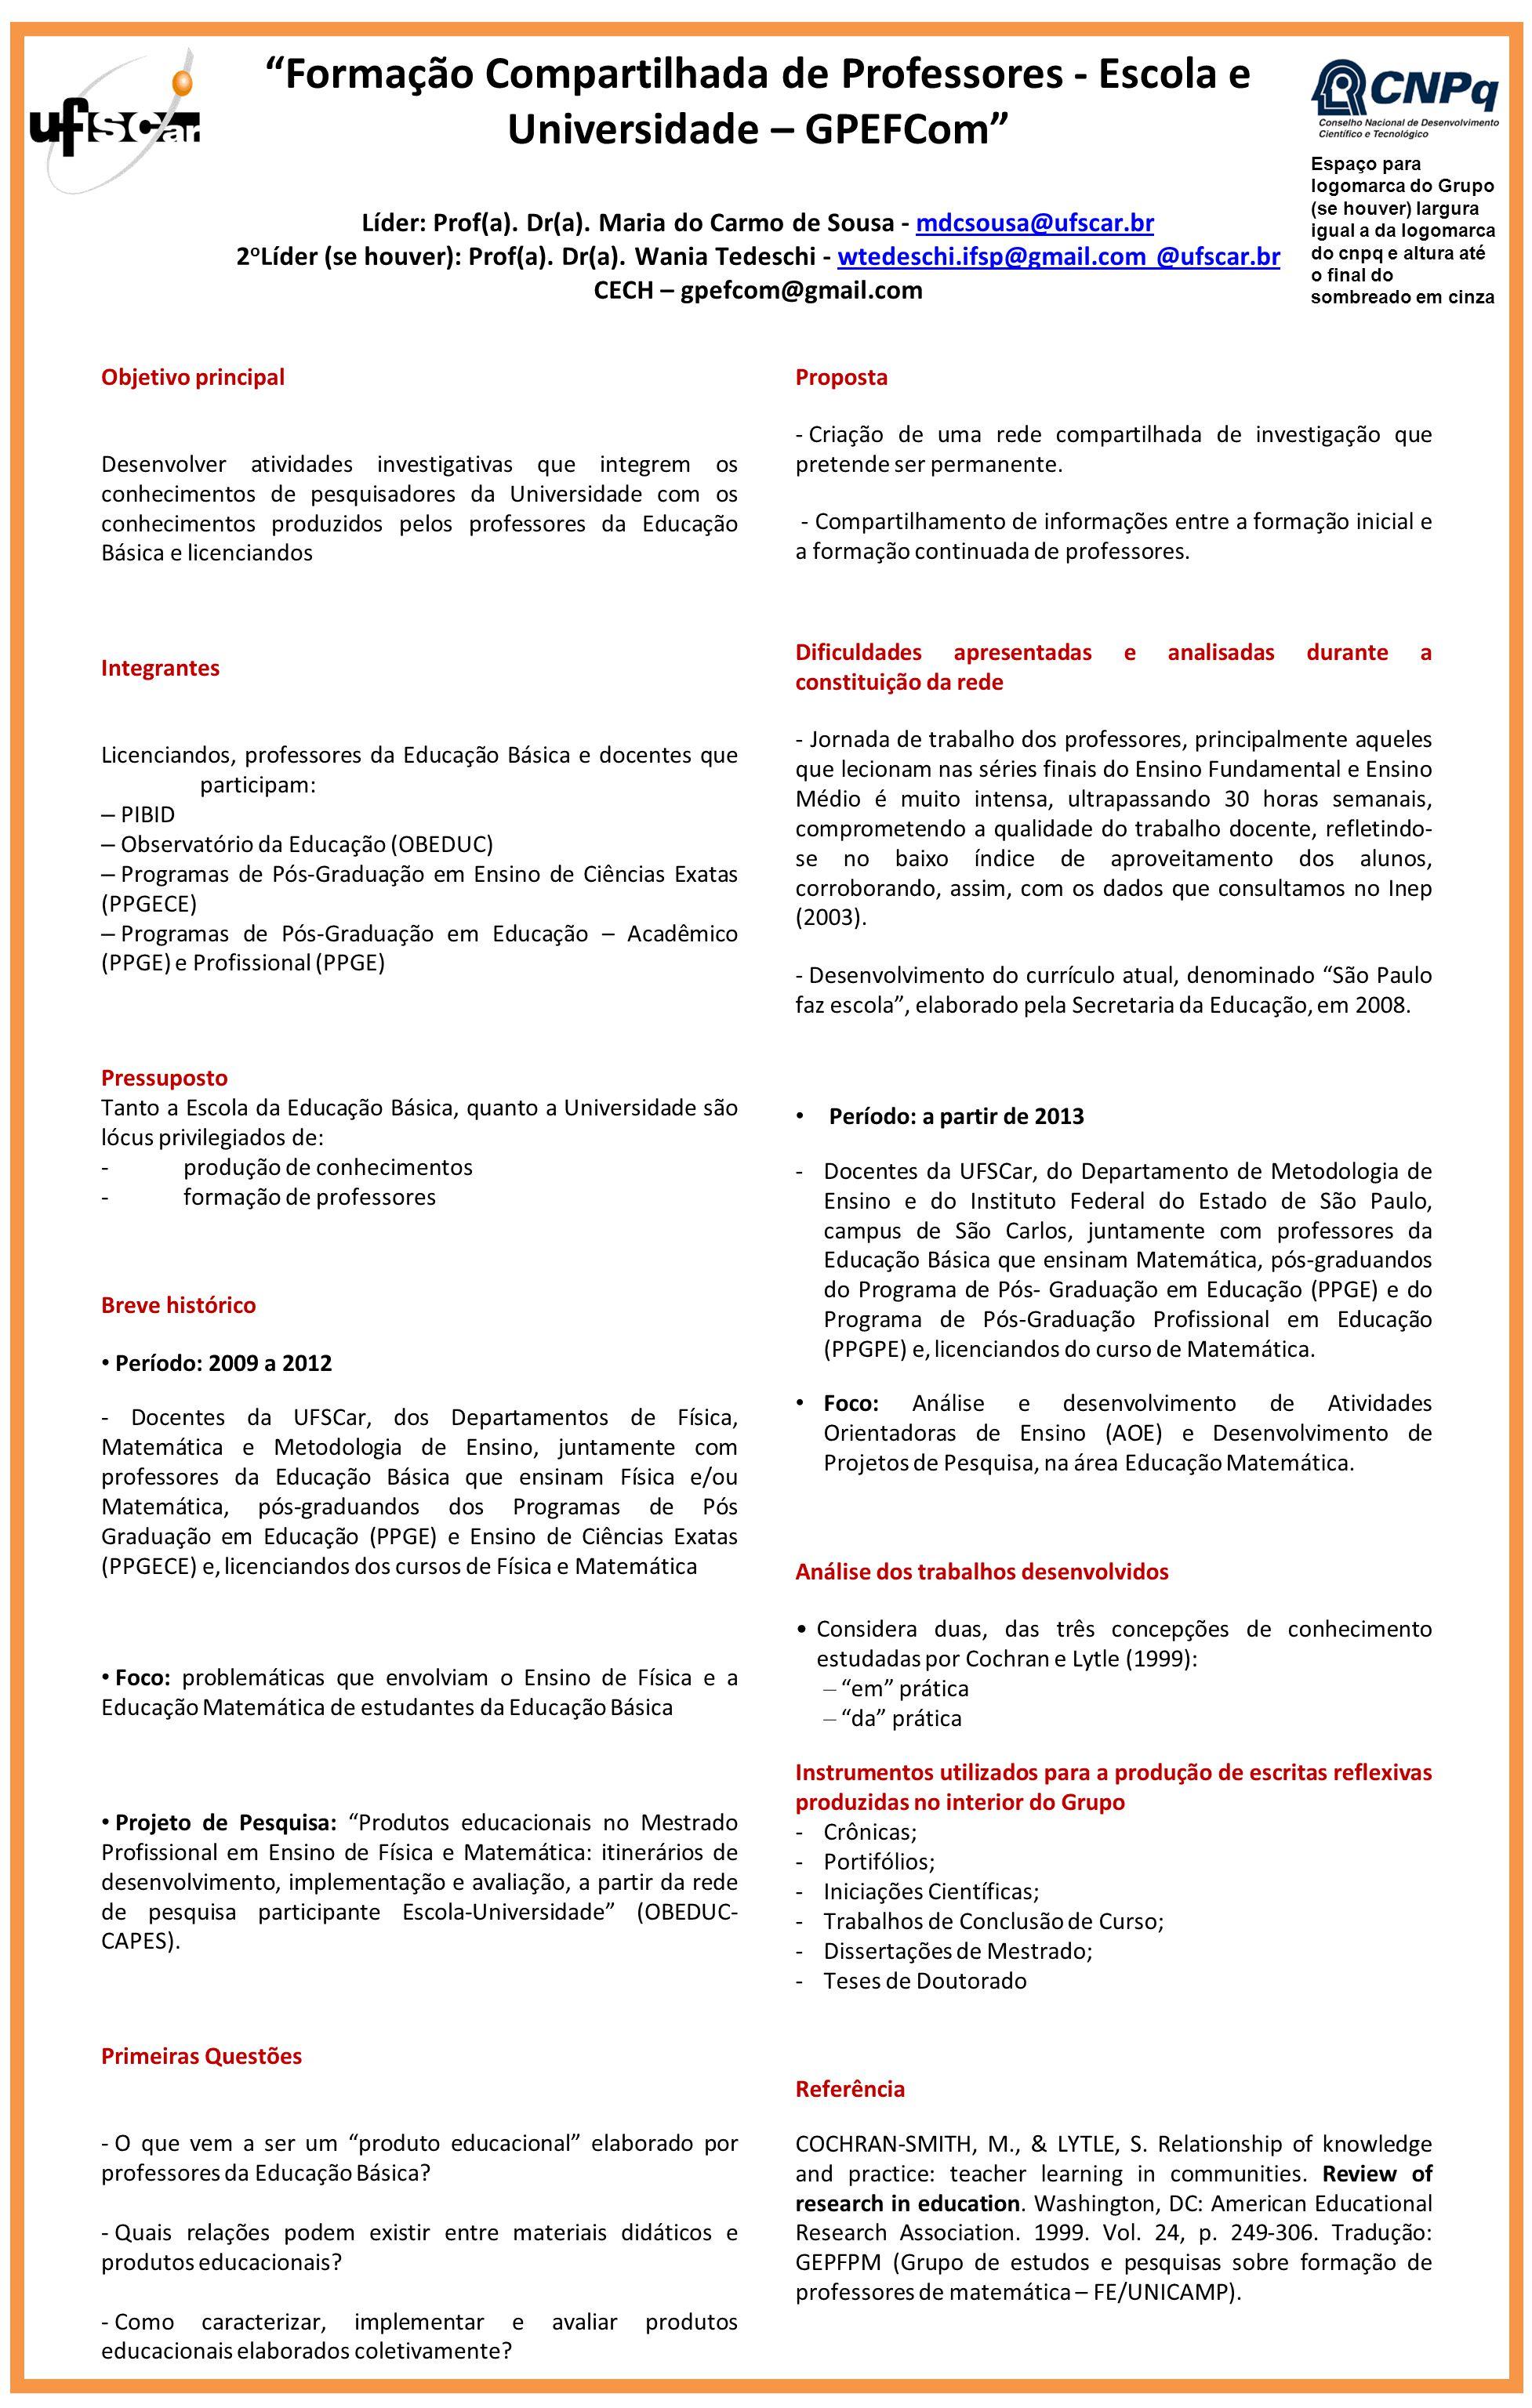 Líder: Prof(a). Dr(a). Maria do Carmo de Sousa - mdcsousa@ufscar.brmdcsousa@ufscar.br 2 o Líder (se houver): Prof(a). Dr(a). Wania Tedeschi - wtedesch